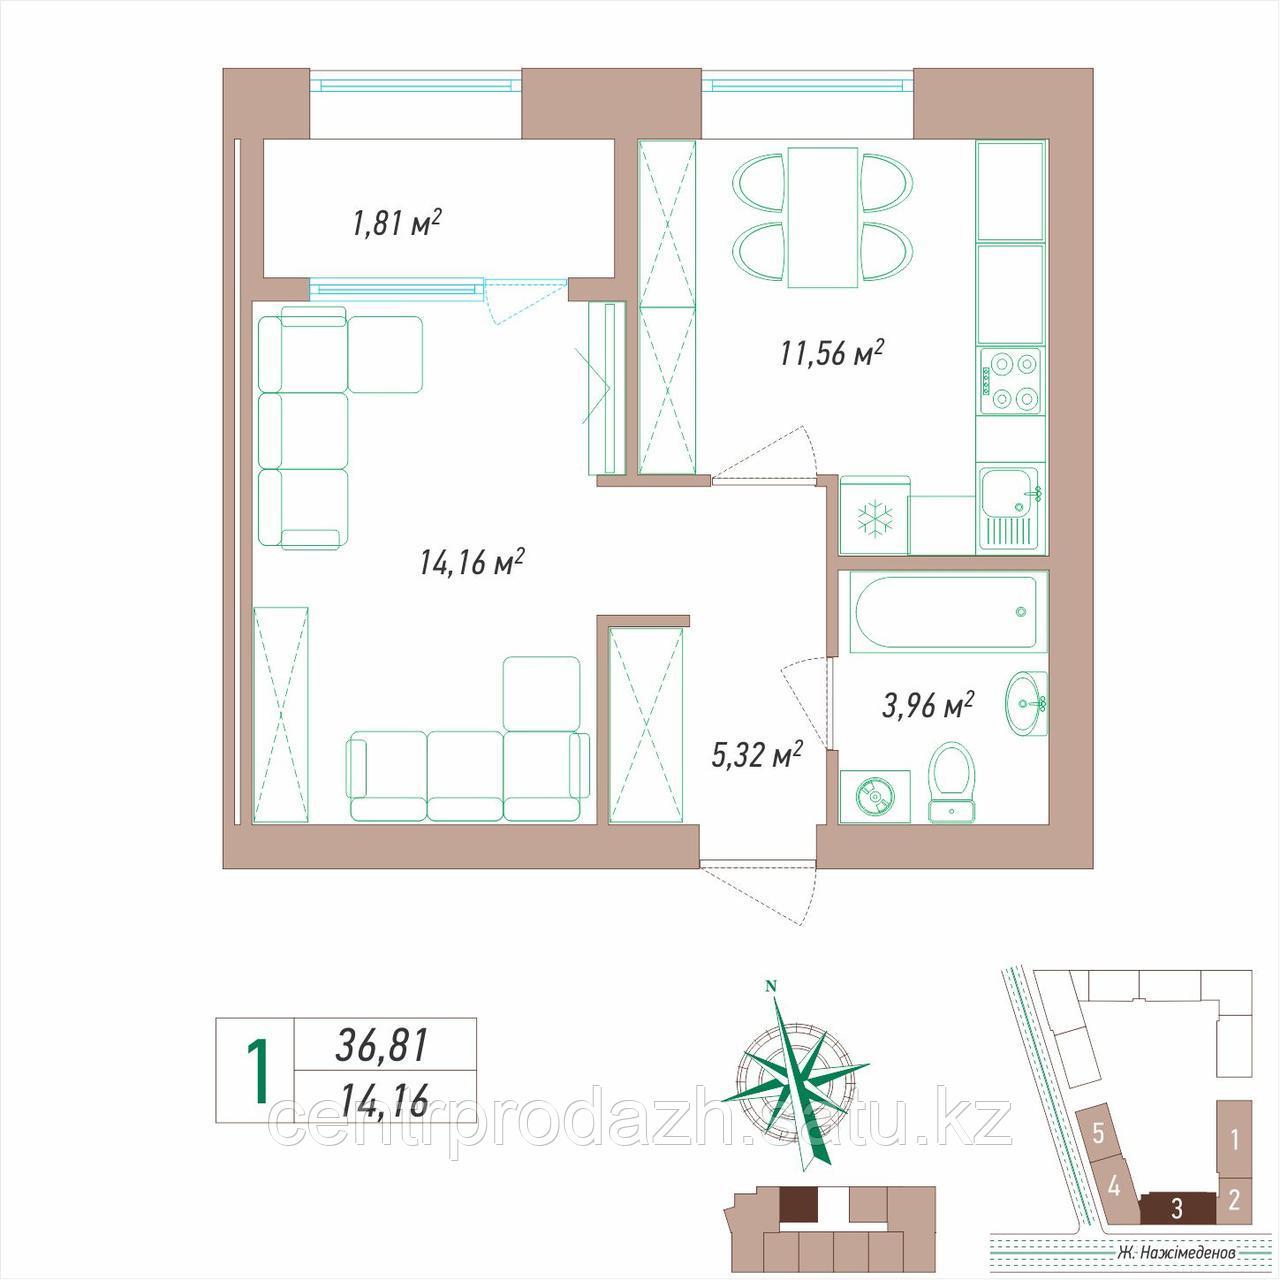 1 комнатная квартира 36.81 м²